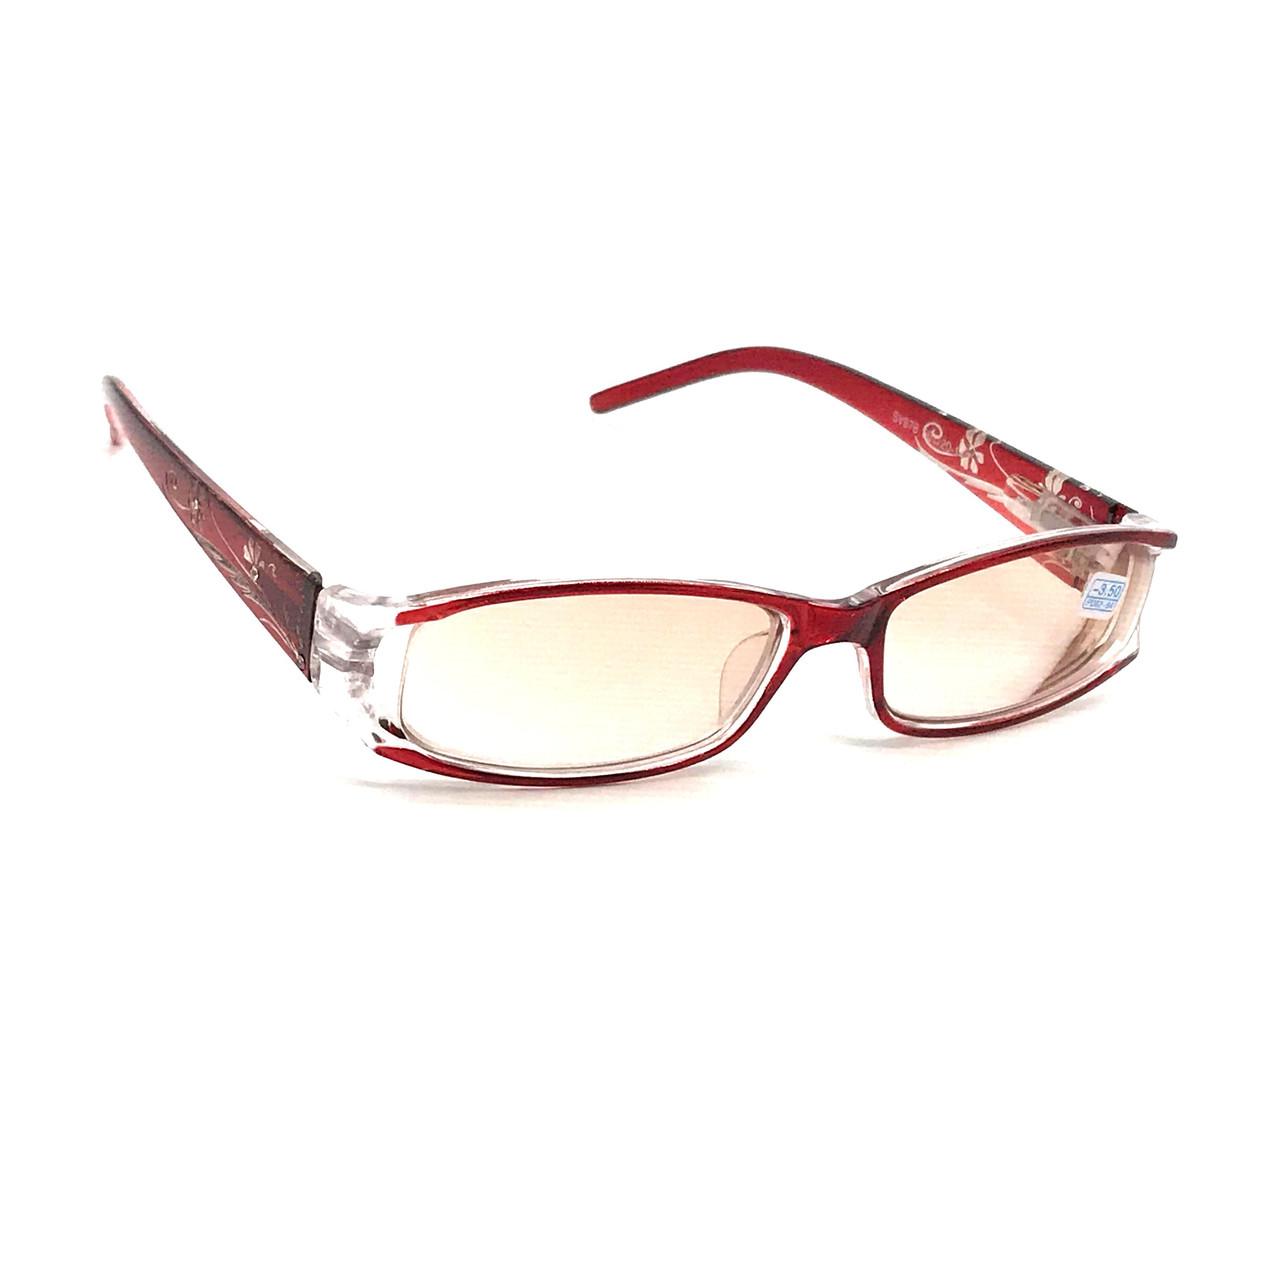 Корригирующие очки с тонированной линзой